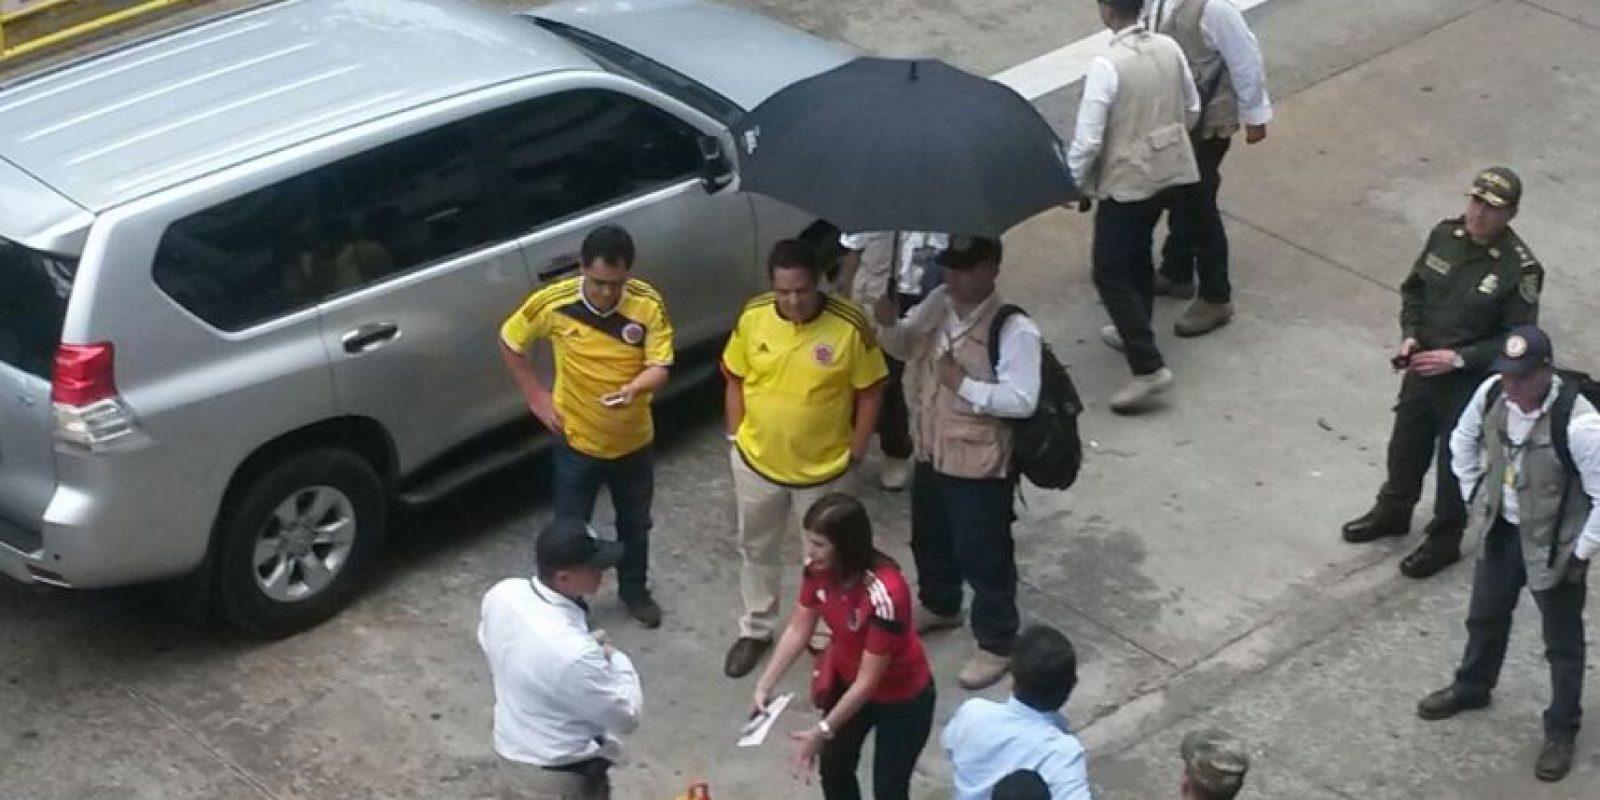 Vicepresidente Germán Vargas Lleras en el partido de la Selección Colombia. Foto:Miguel Ruiz – Publimetro